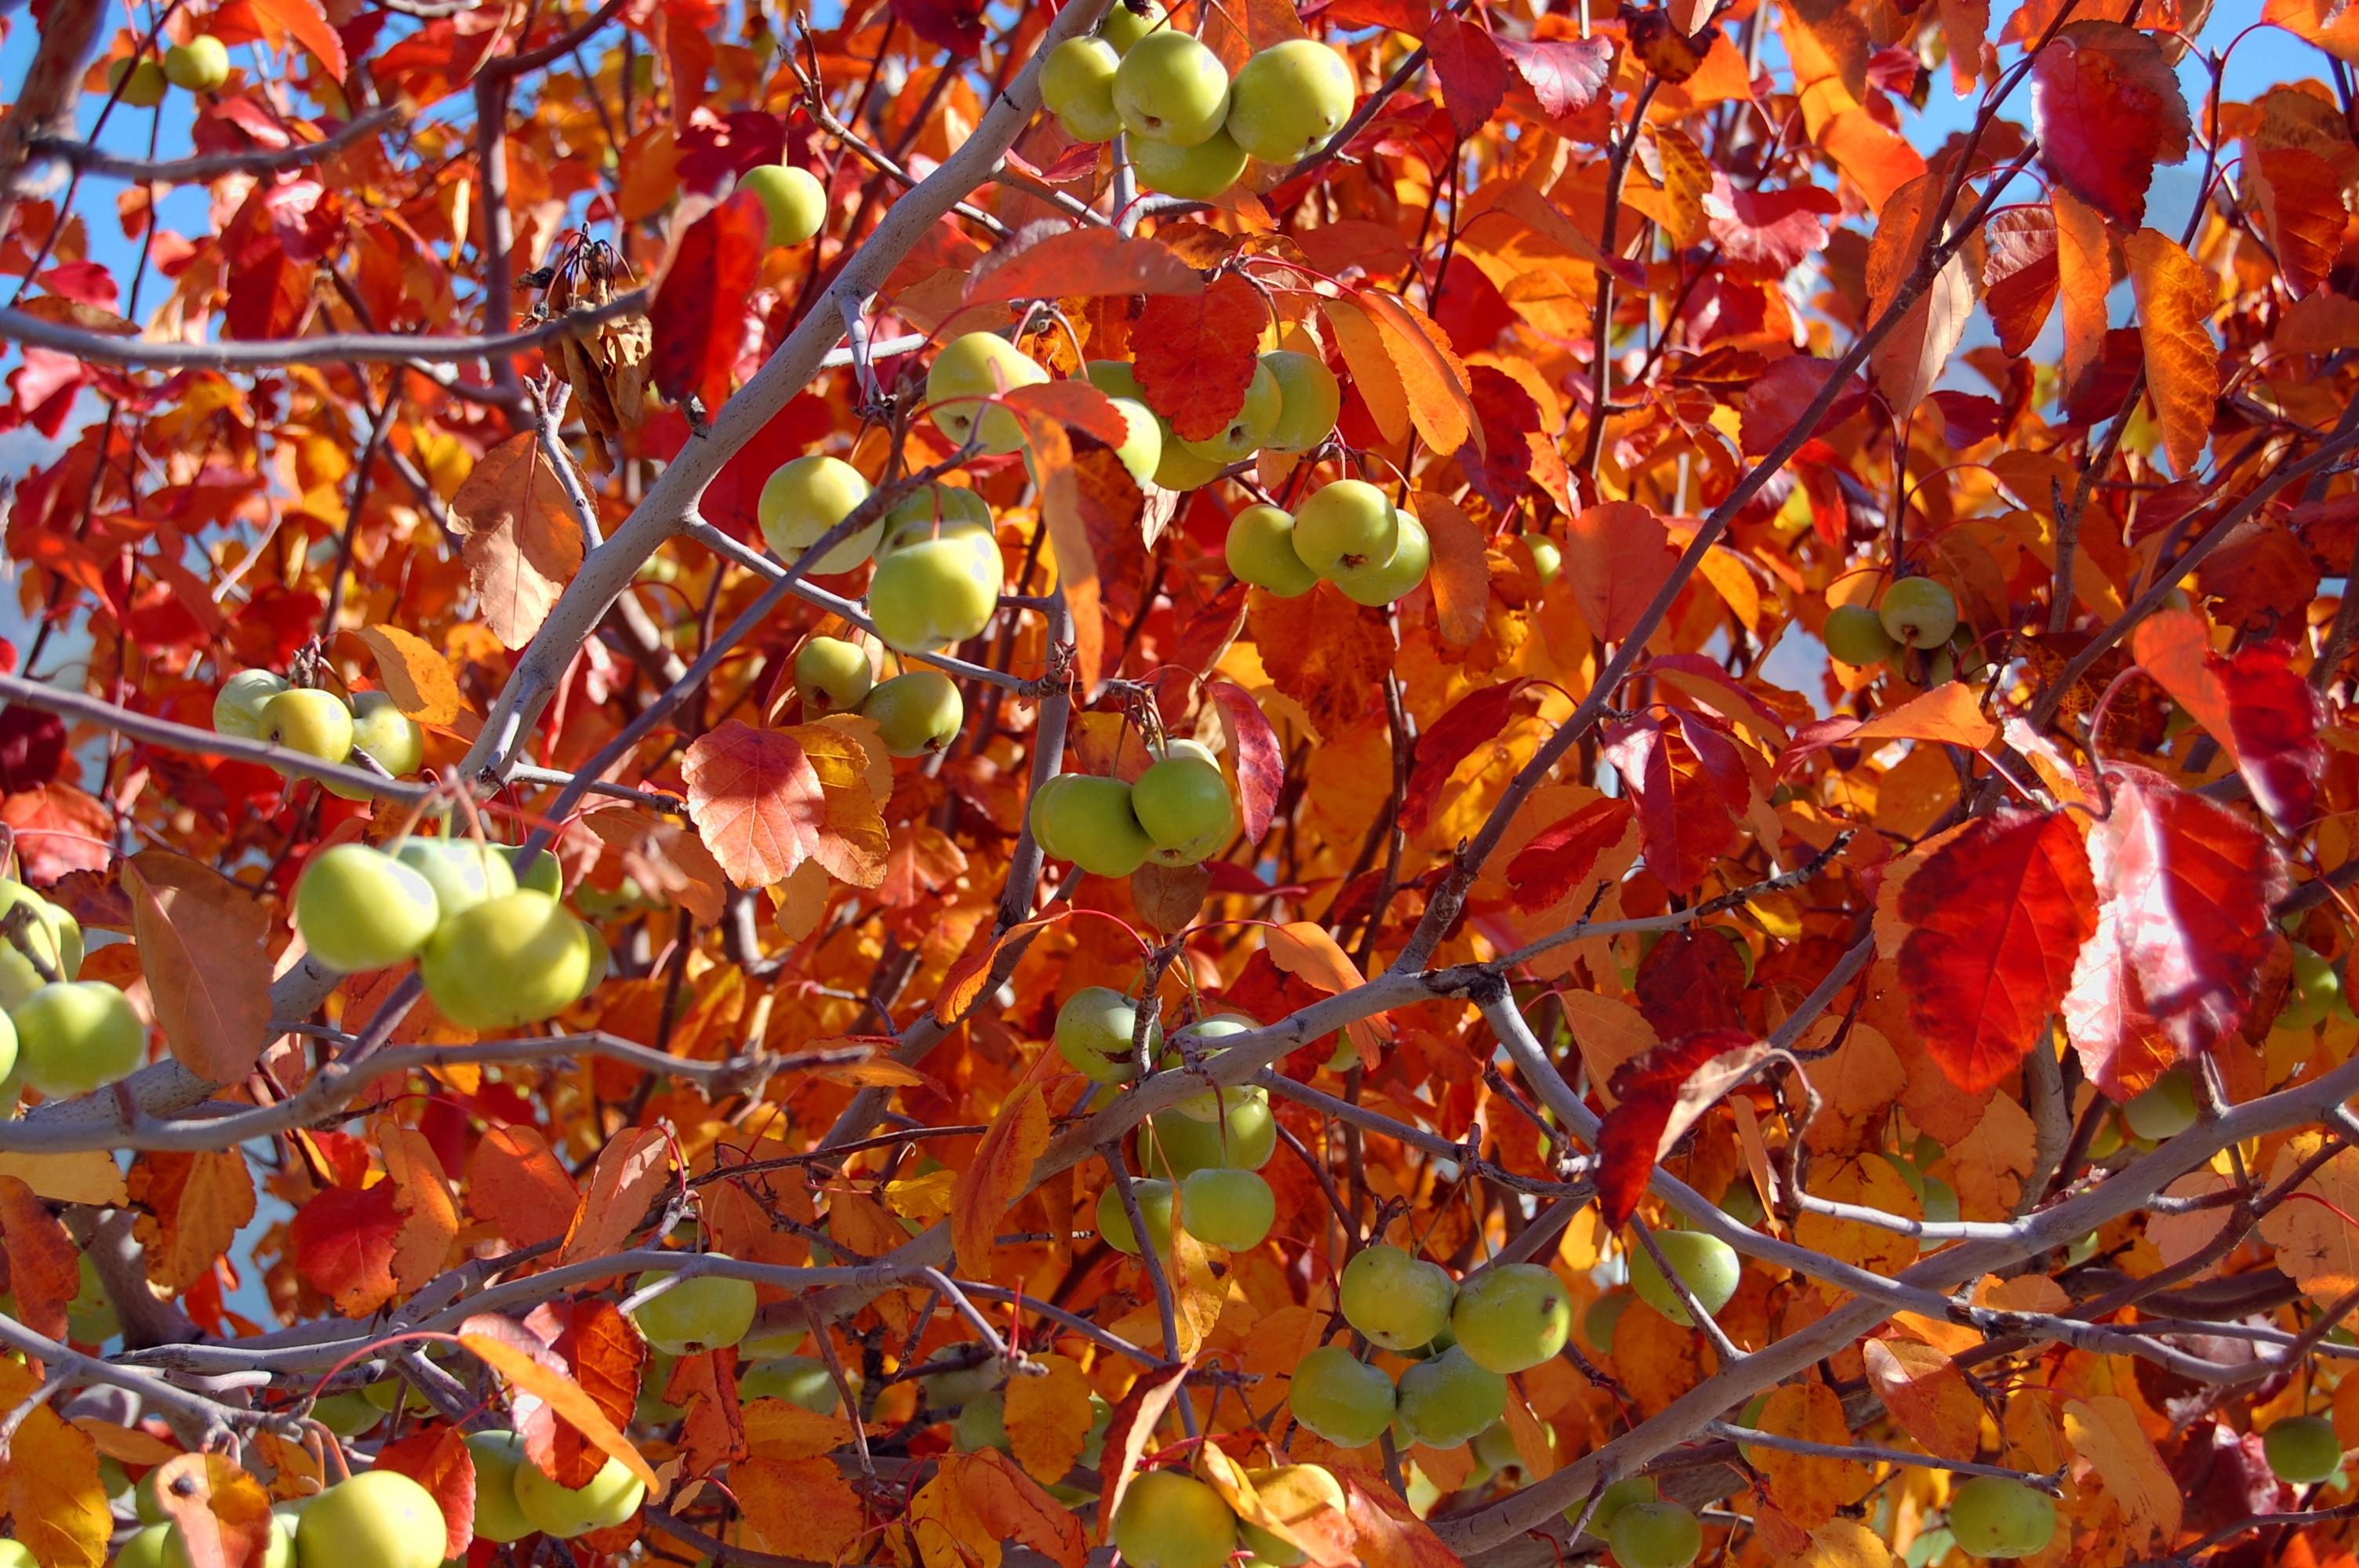 проходит картинка плоды и цветы на одном дереве года года как